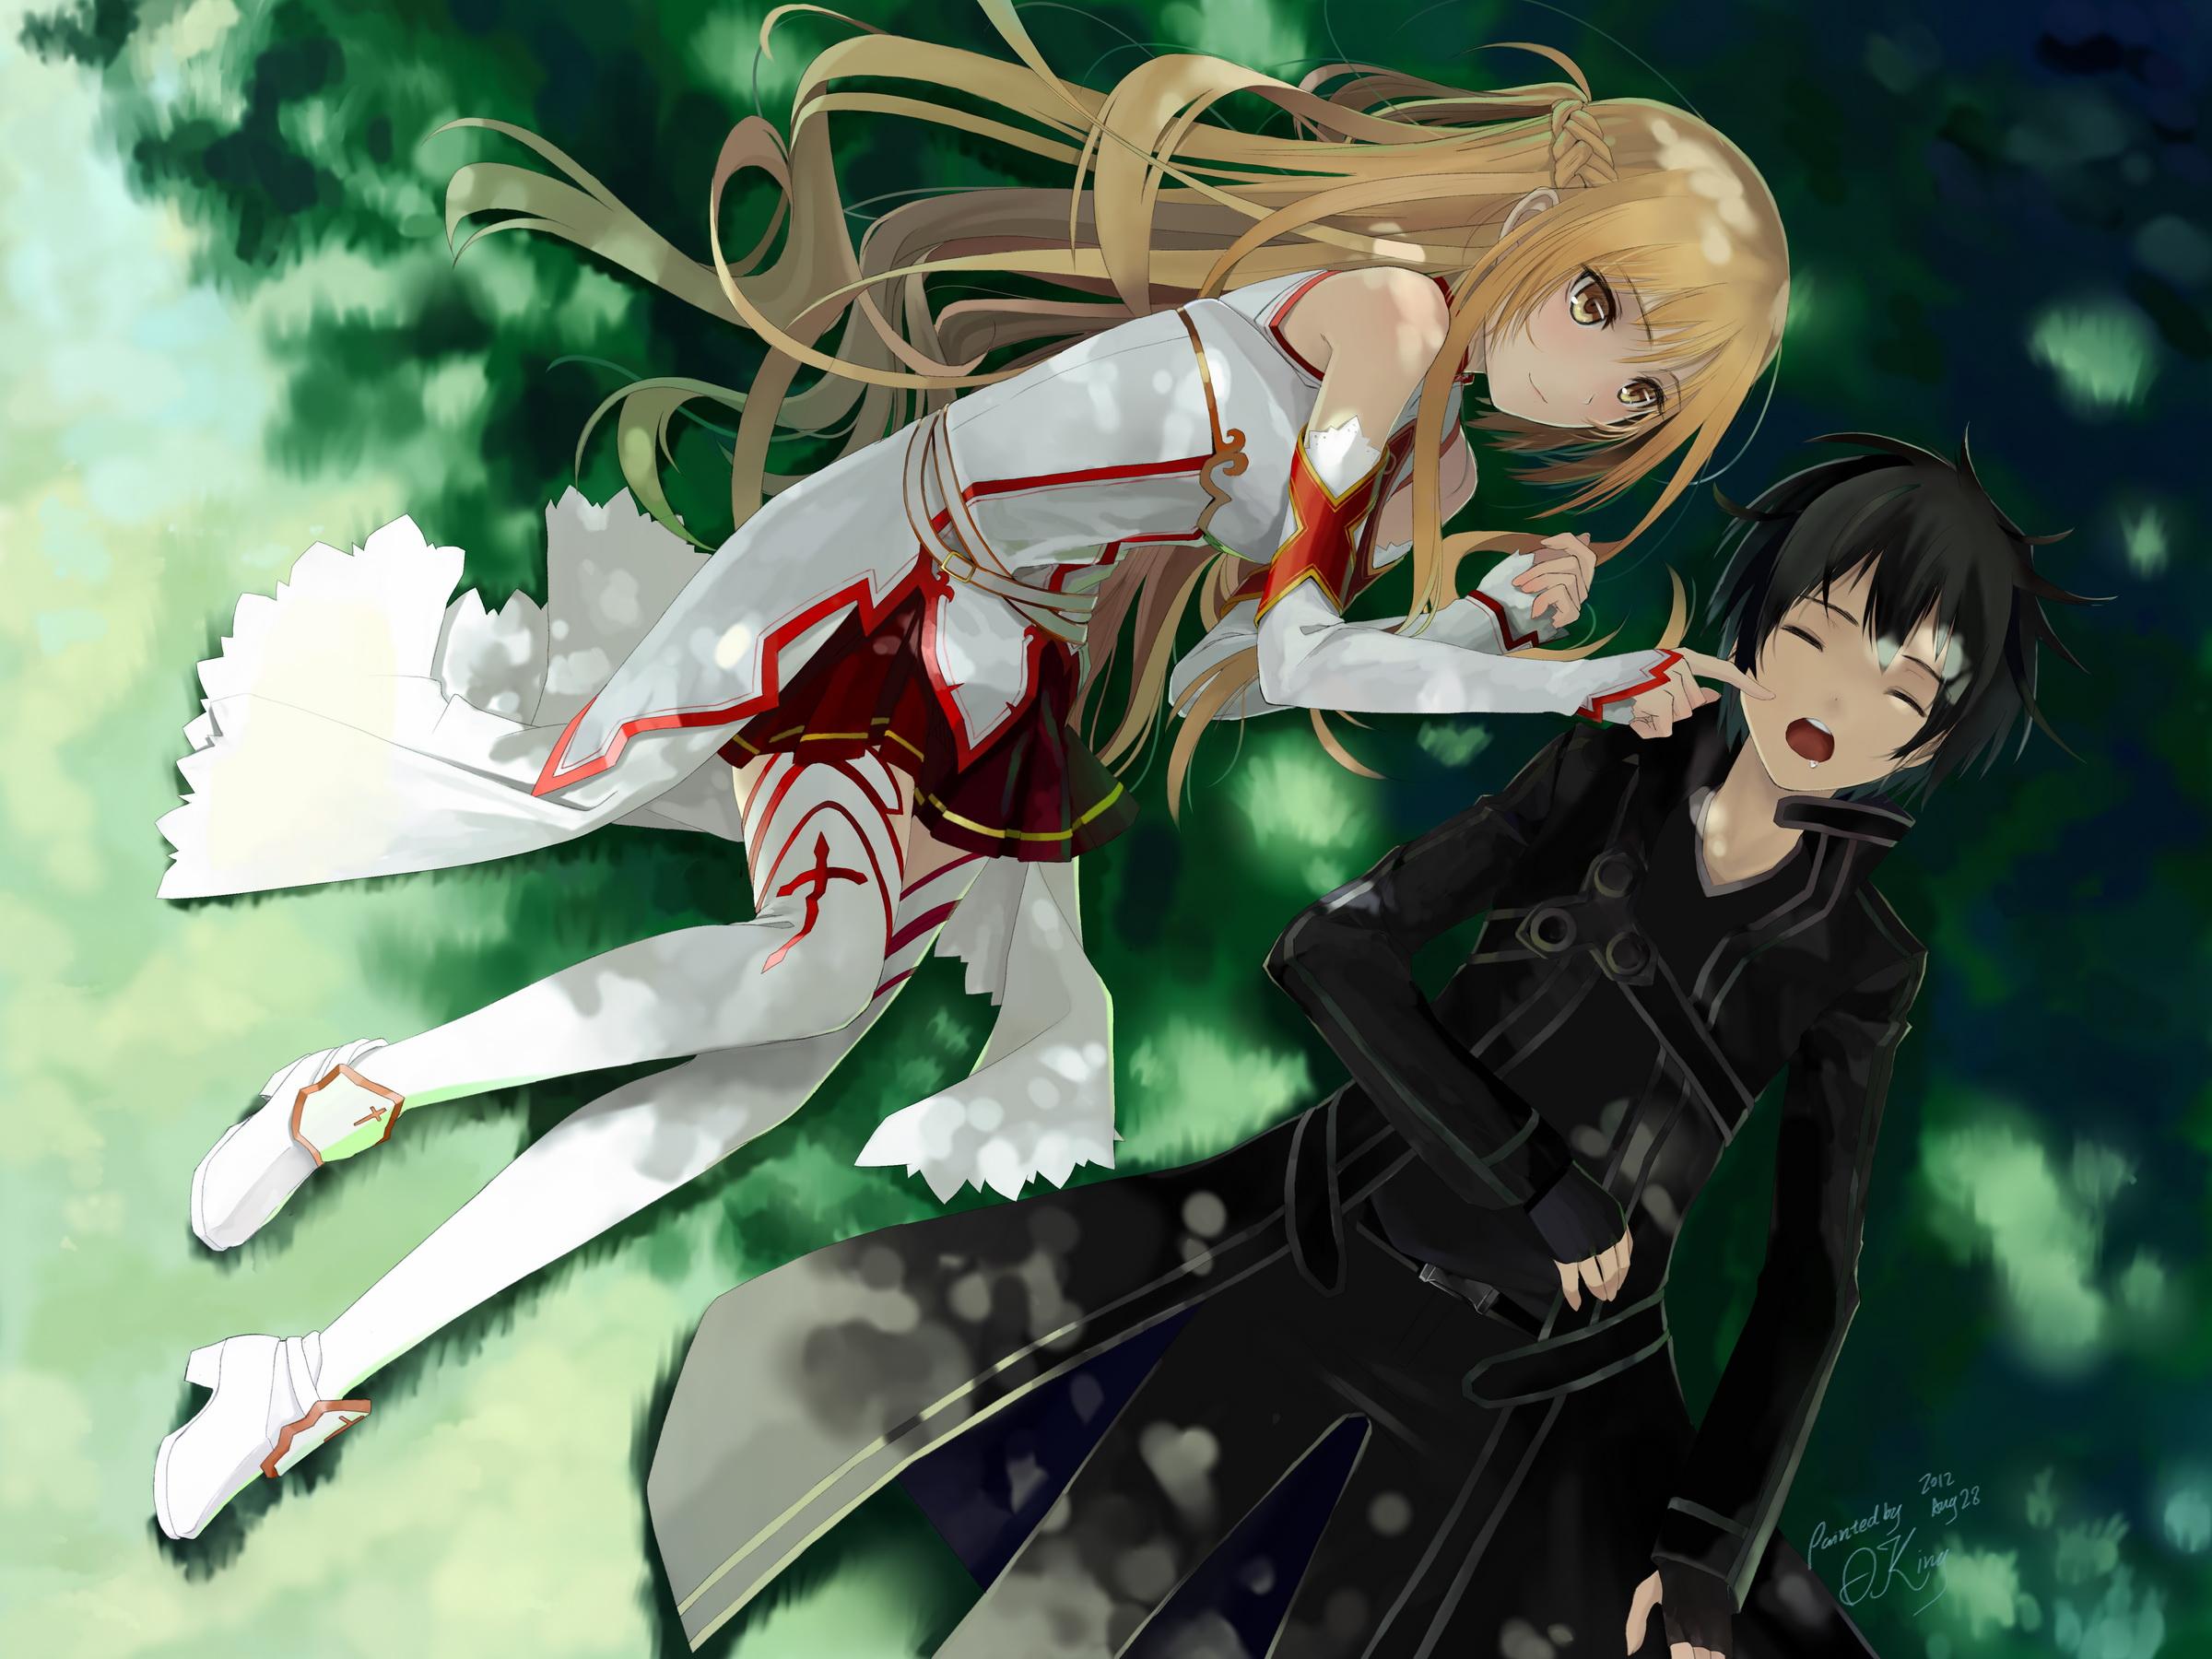 Asuna Sword Art Online Coloring Pages | Sword art online, Sword ... | 1800x2400